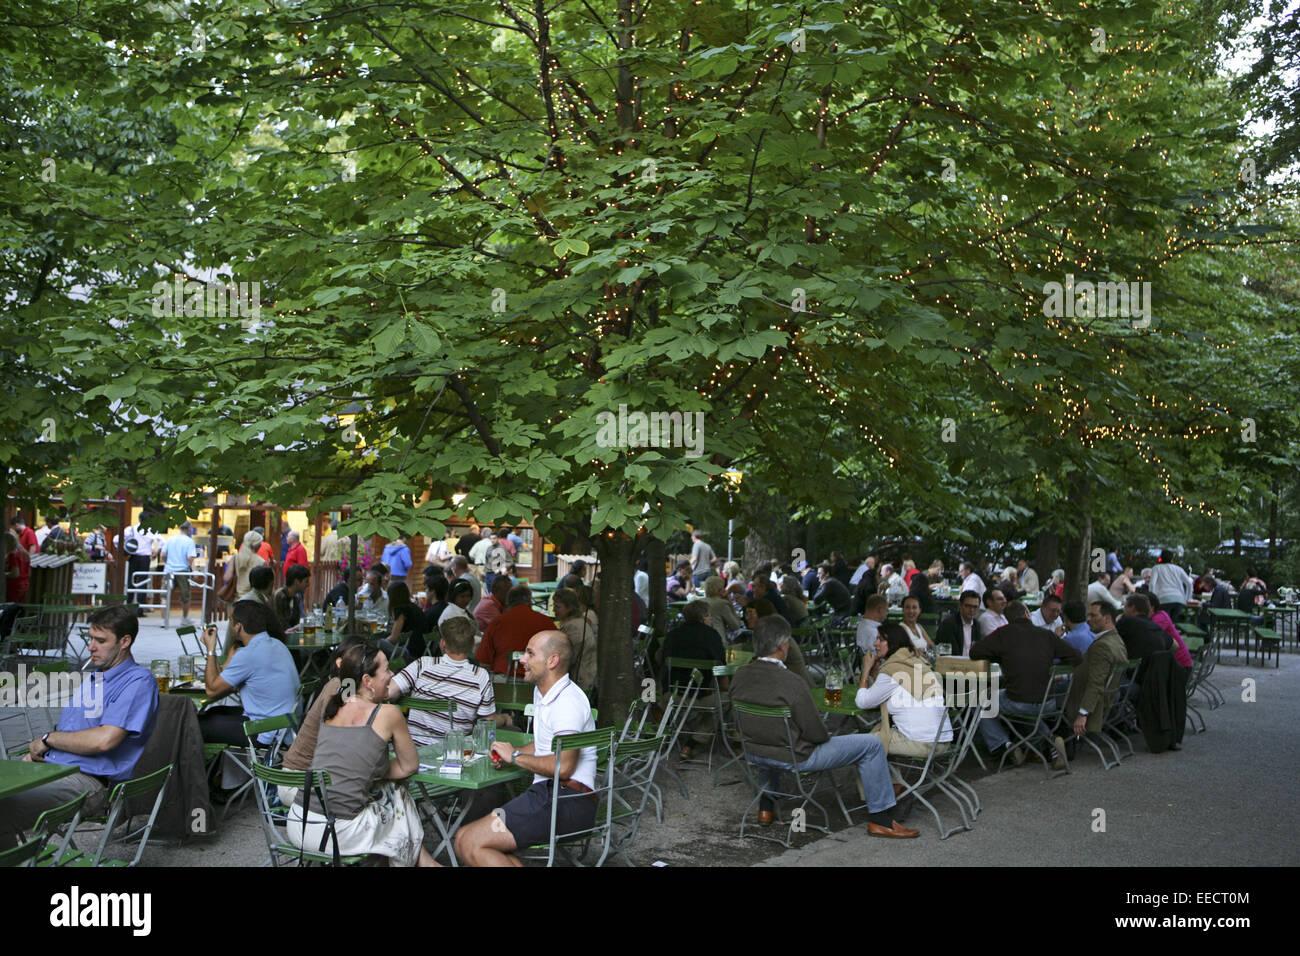 Bayern, Besucher, Biergarten, Entspannung, Erholung, Essen, Freizeit, Gastronomie, Geselligkeit, Grossstadt, Gruenanlage, - Stock Image